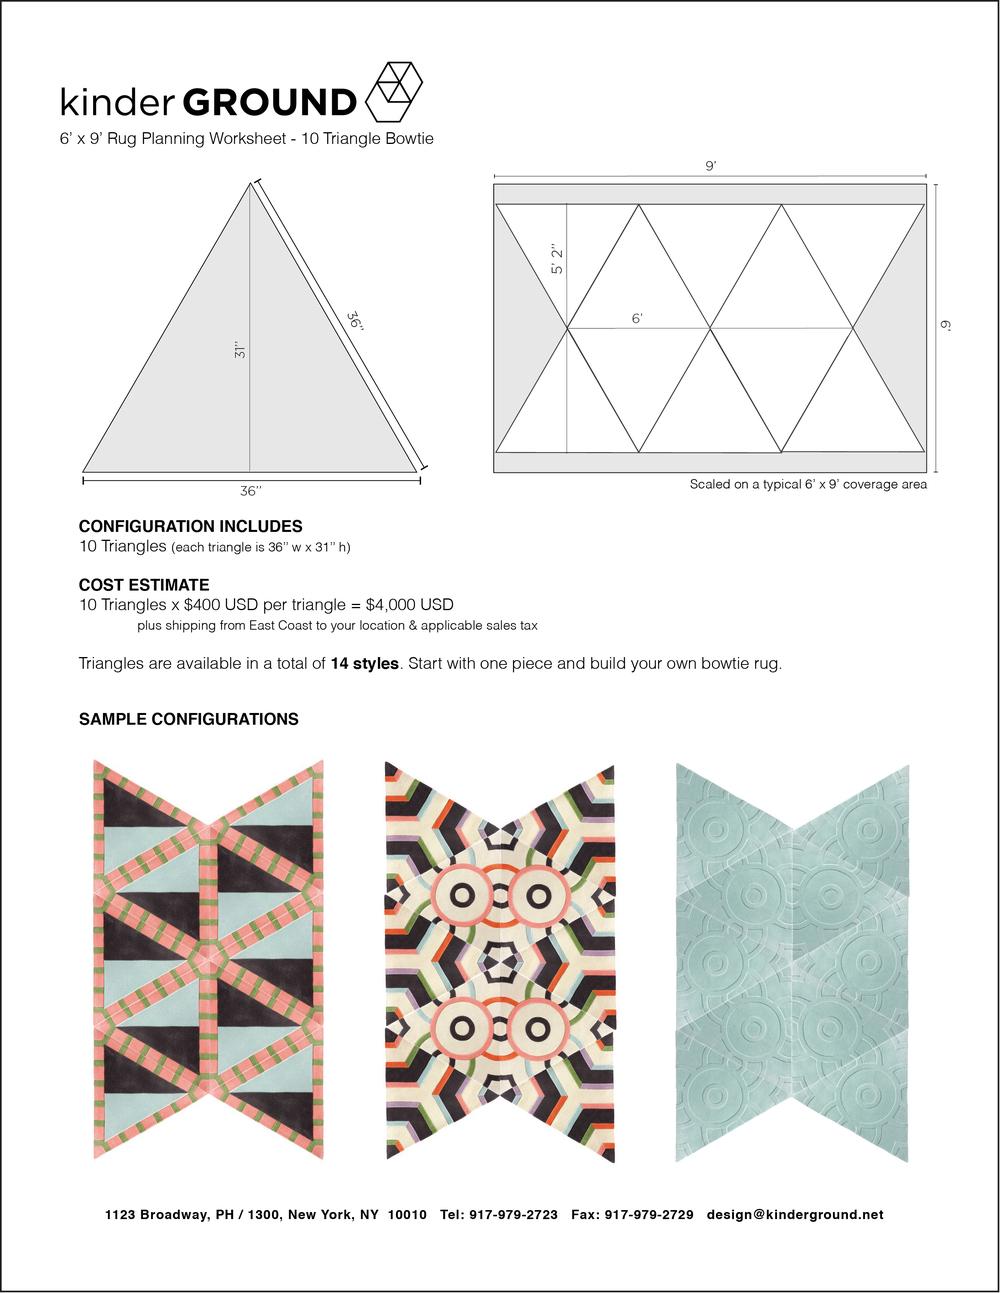 10-Triangle Bowtie